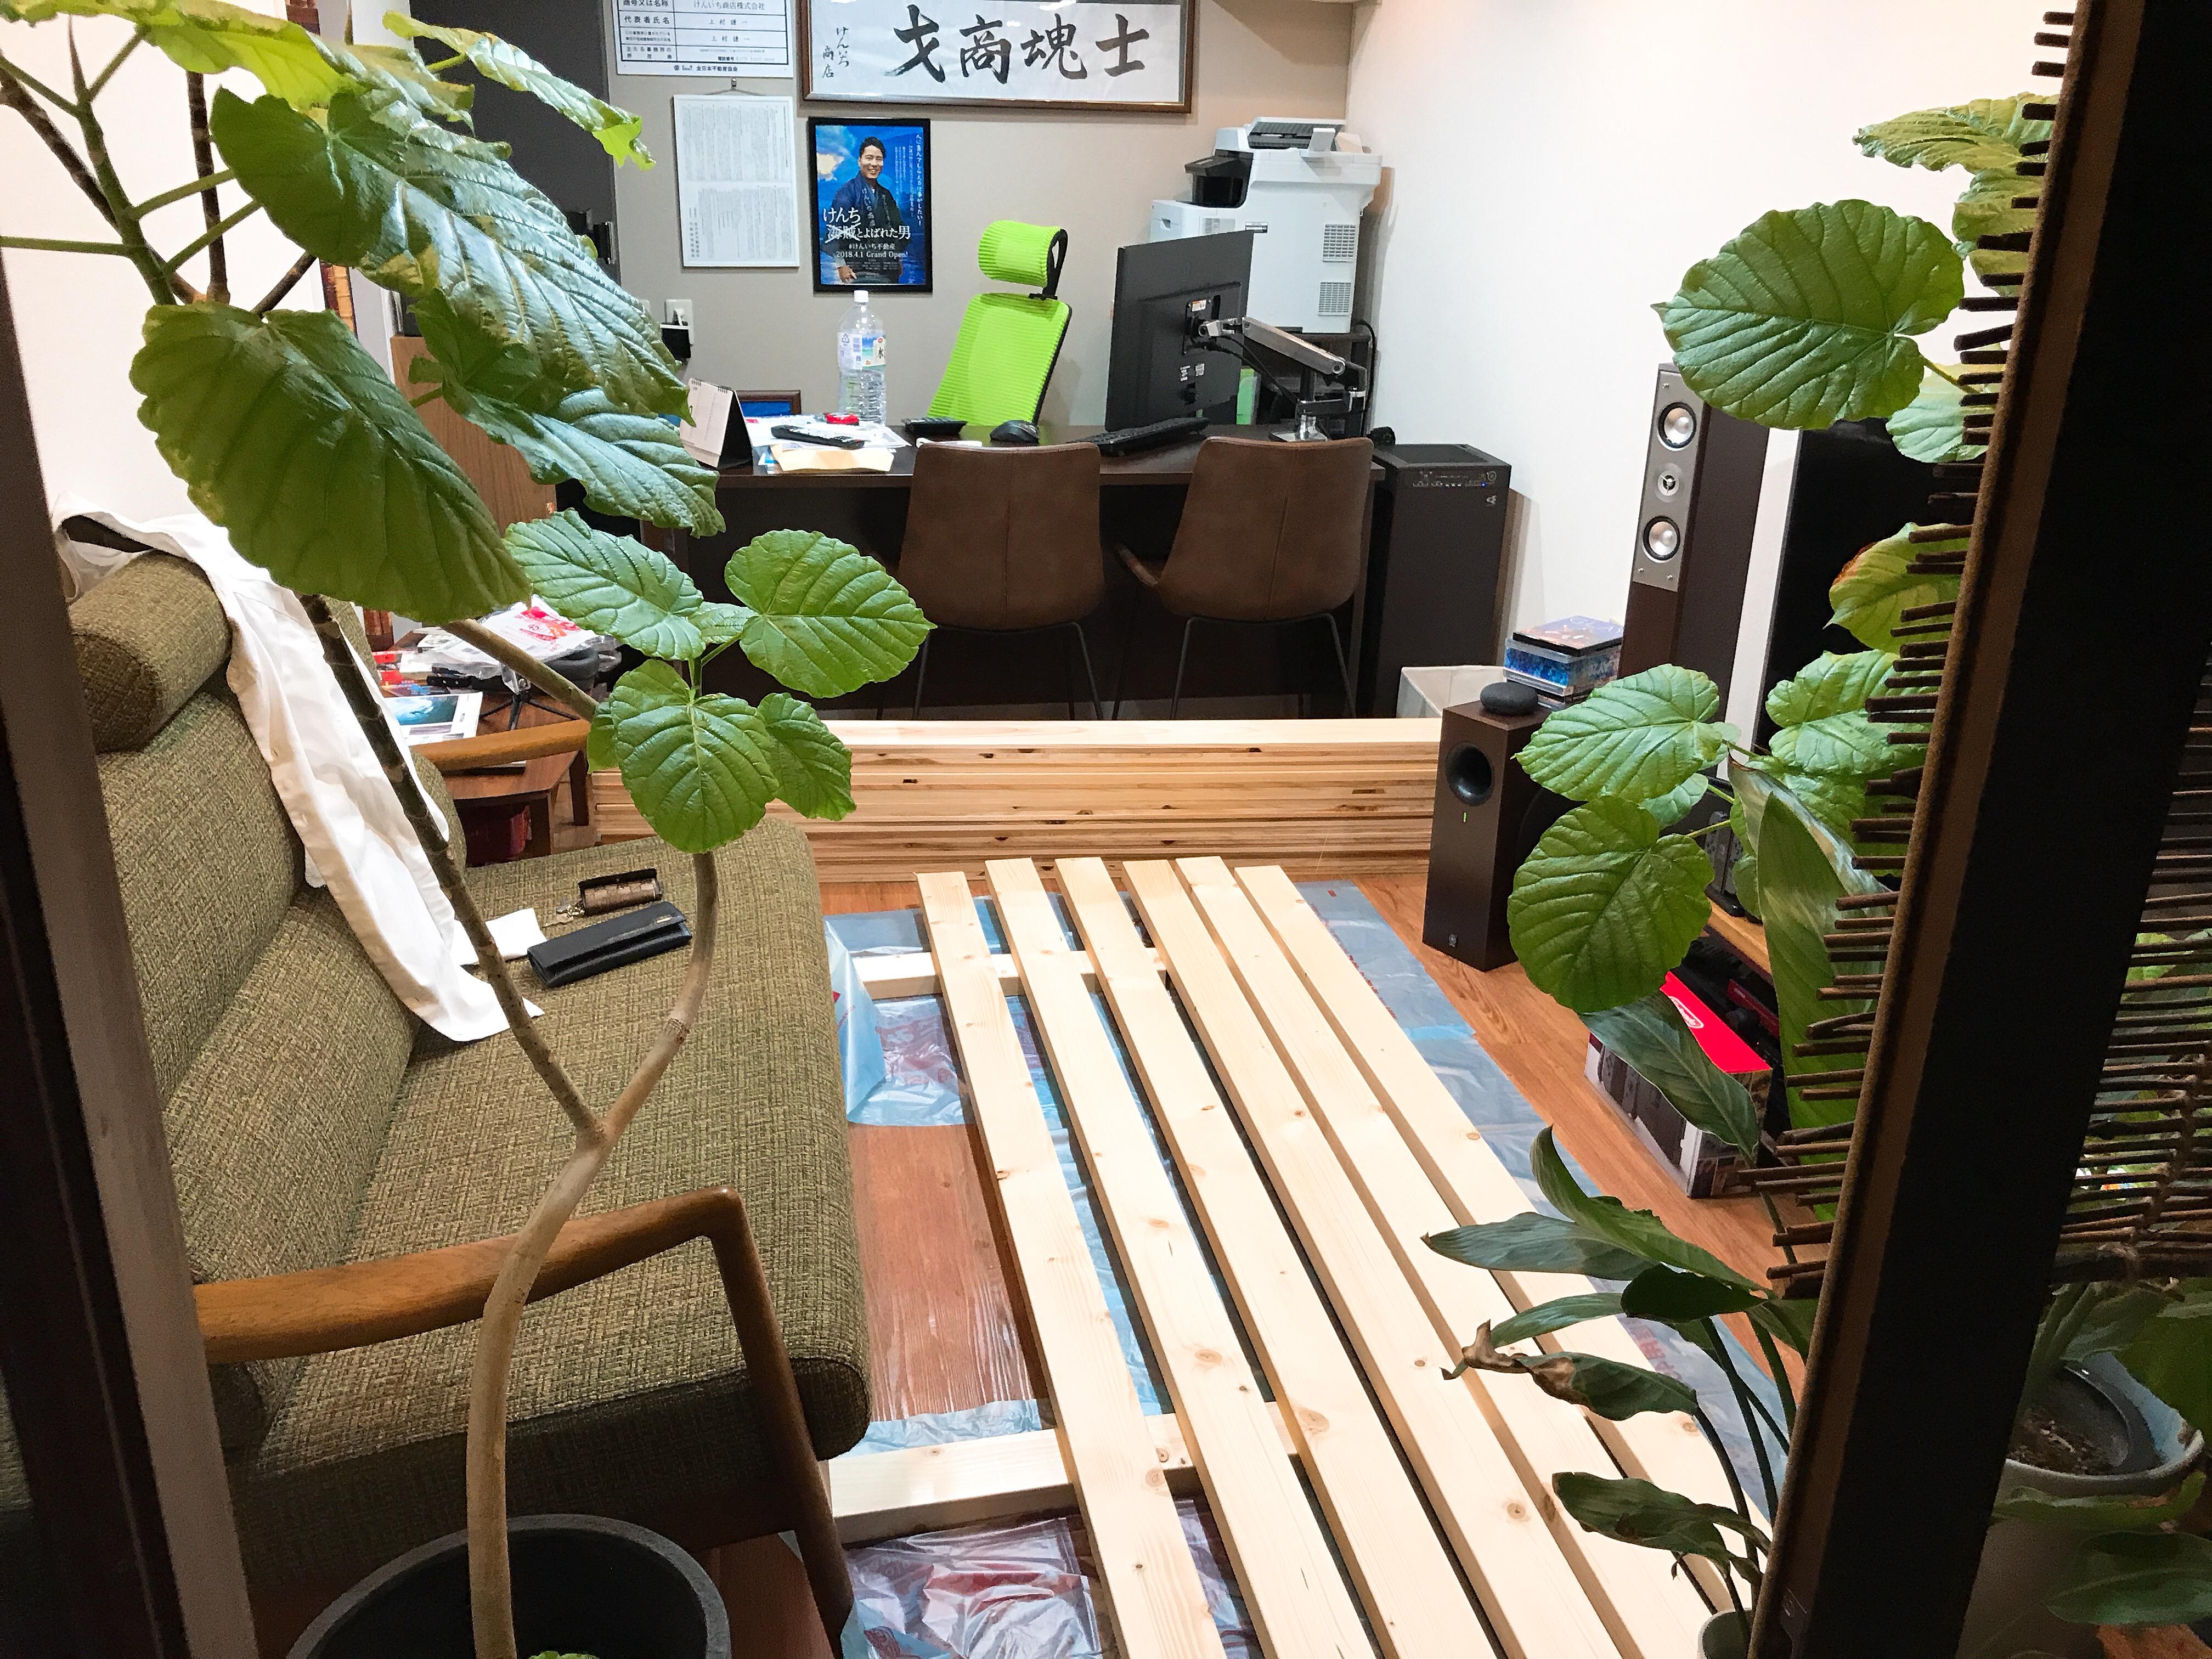 「サーフィン仕様」に店内を大改造!|白のクロス壁を木張りに変更